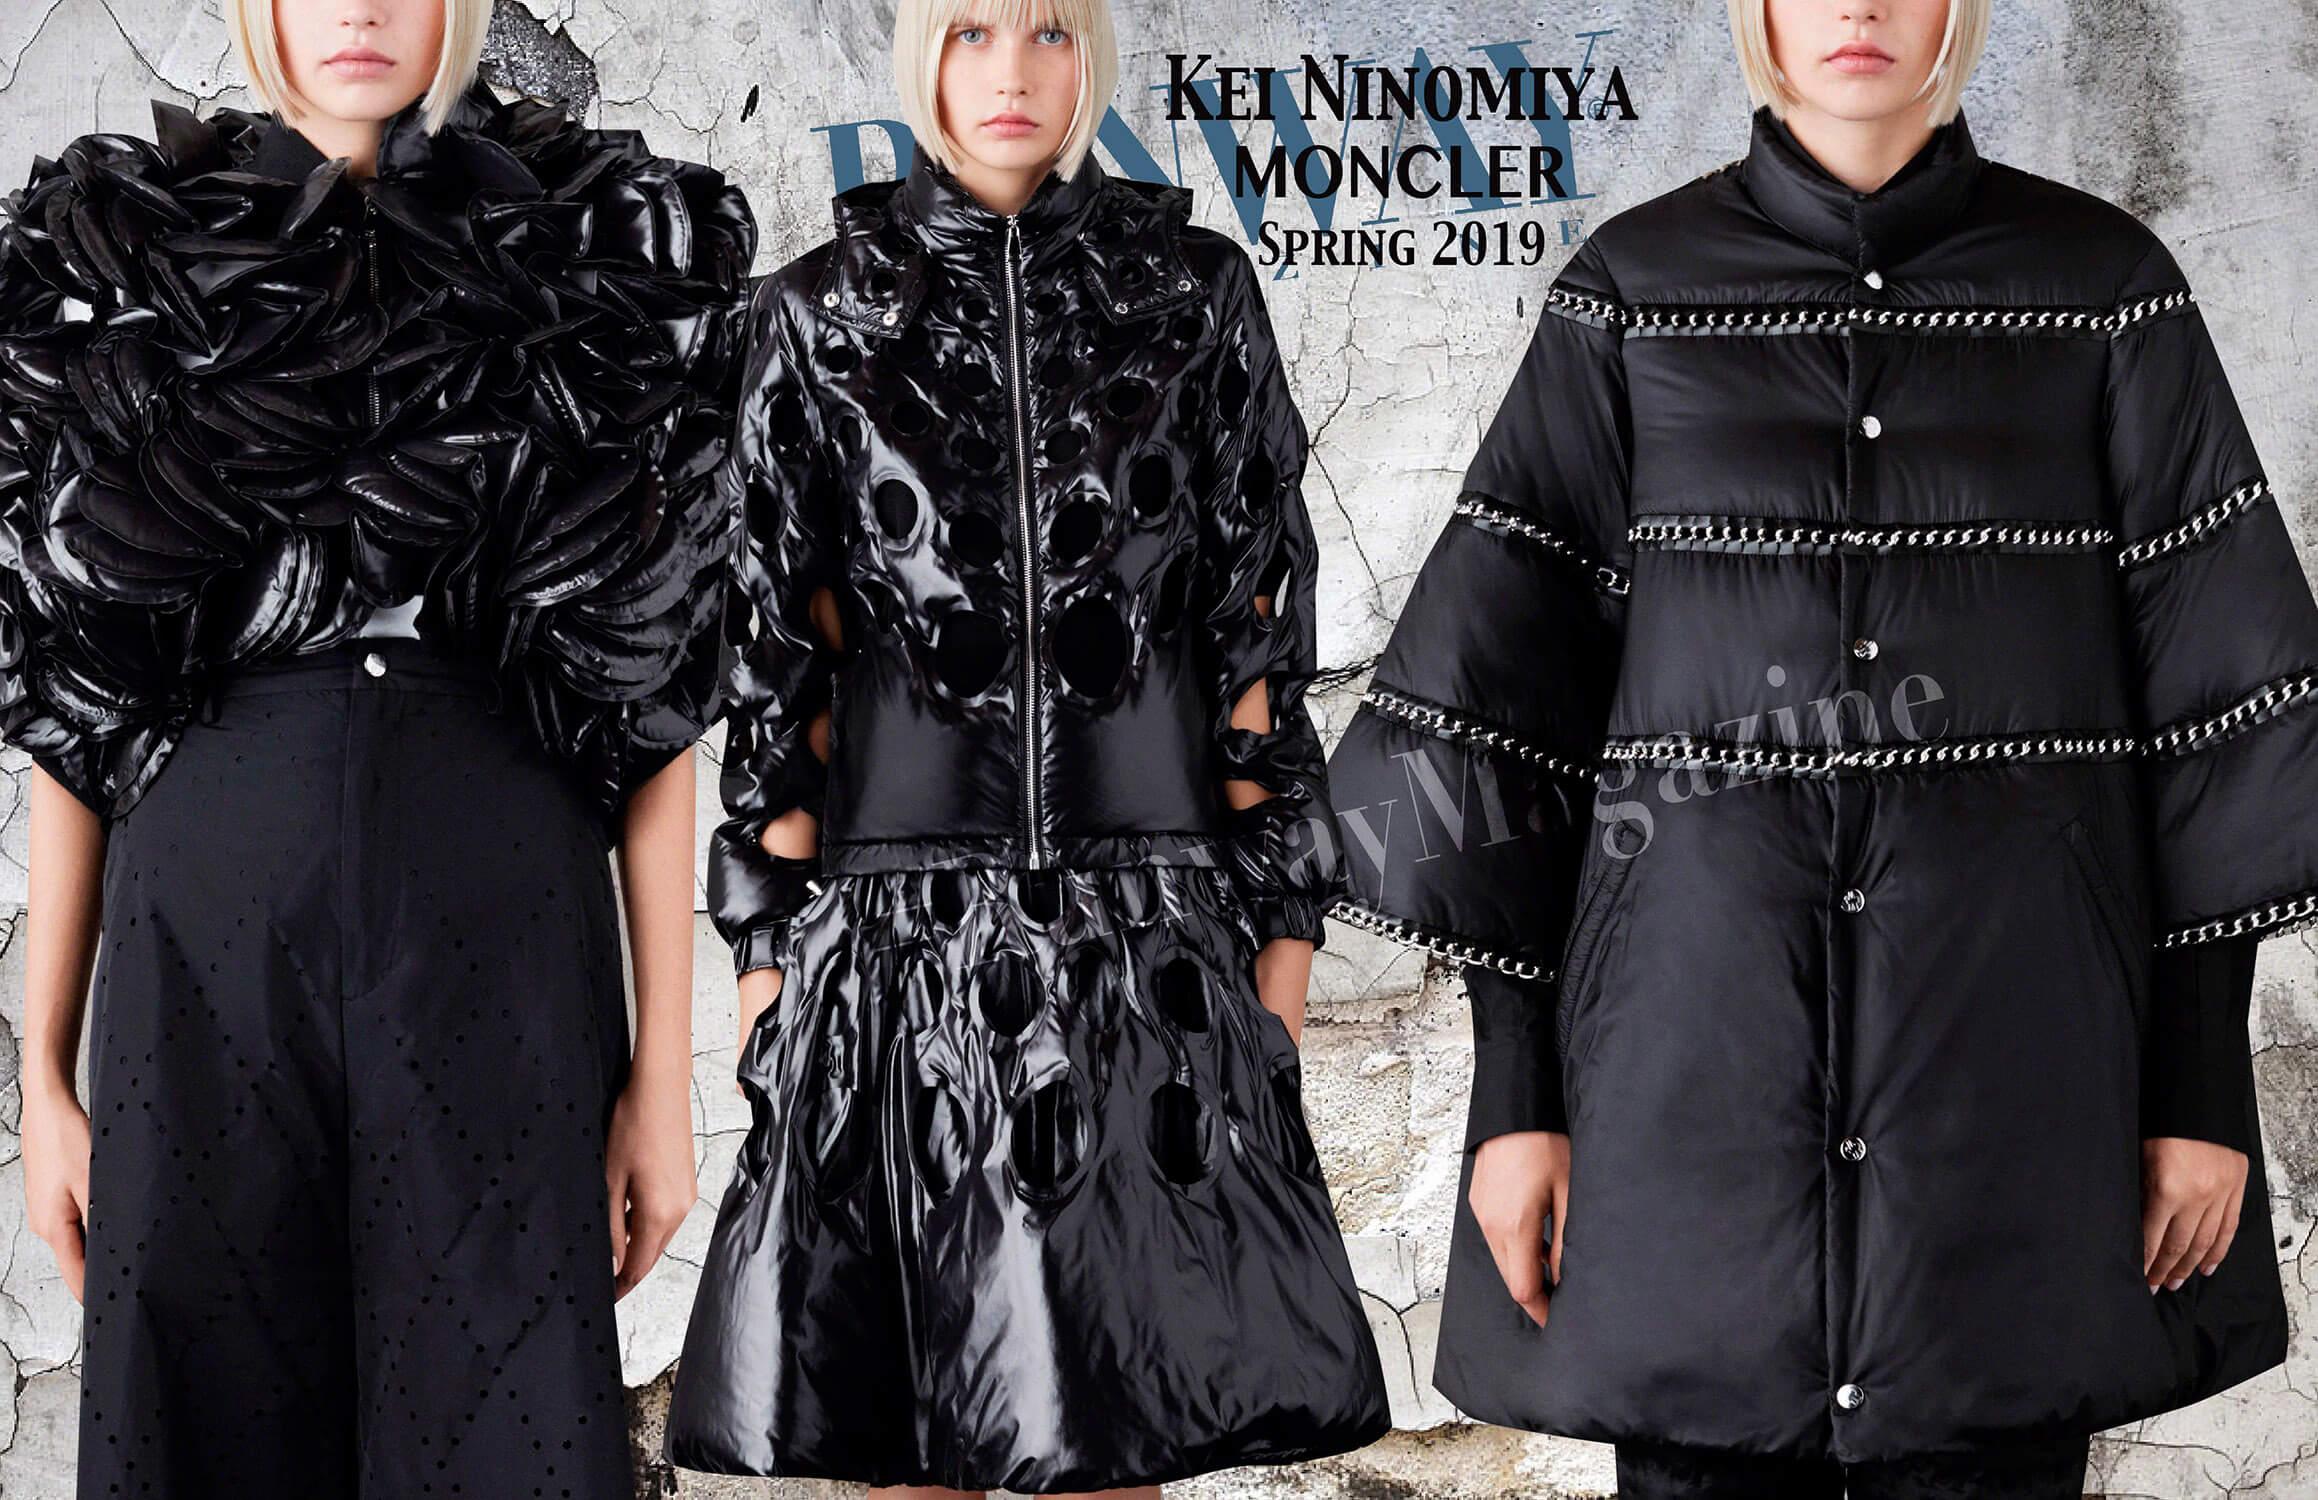 Moncler Kei Ninomiya Spring Summer 19 Milan by Runway Magazine